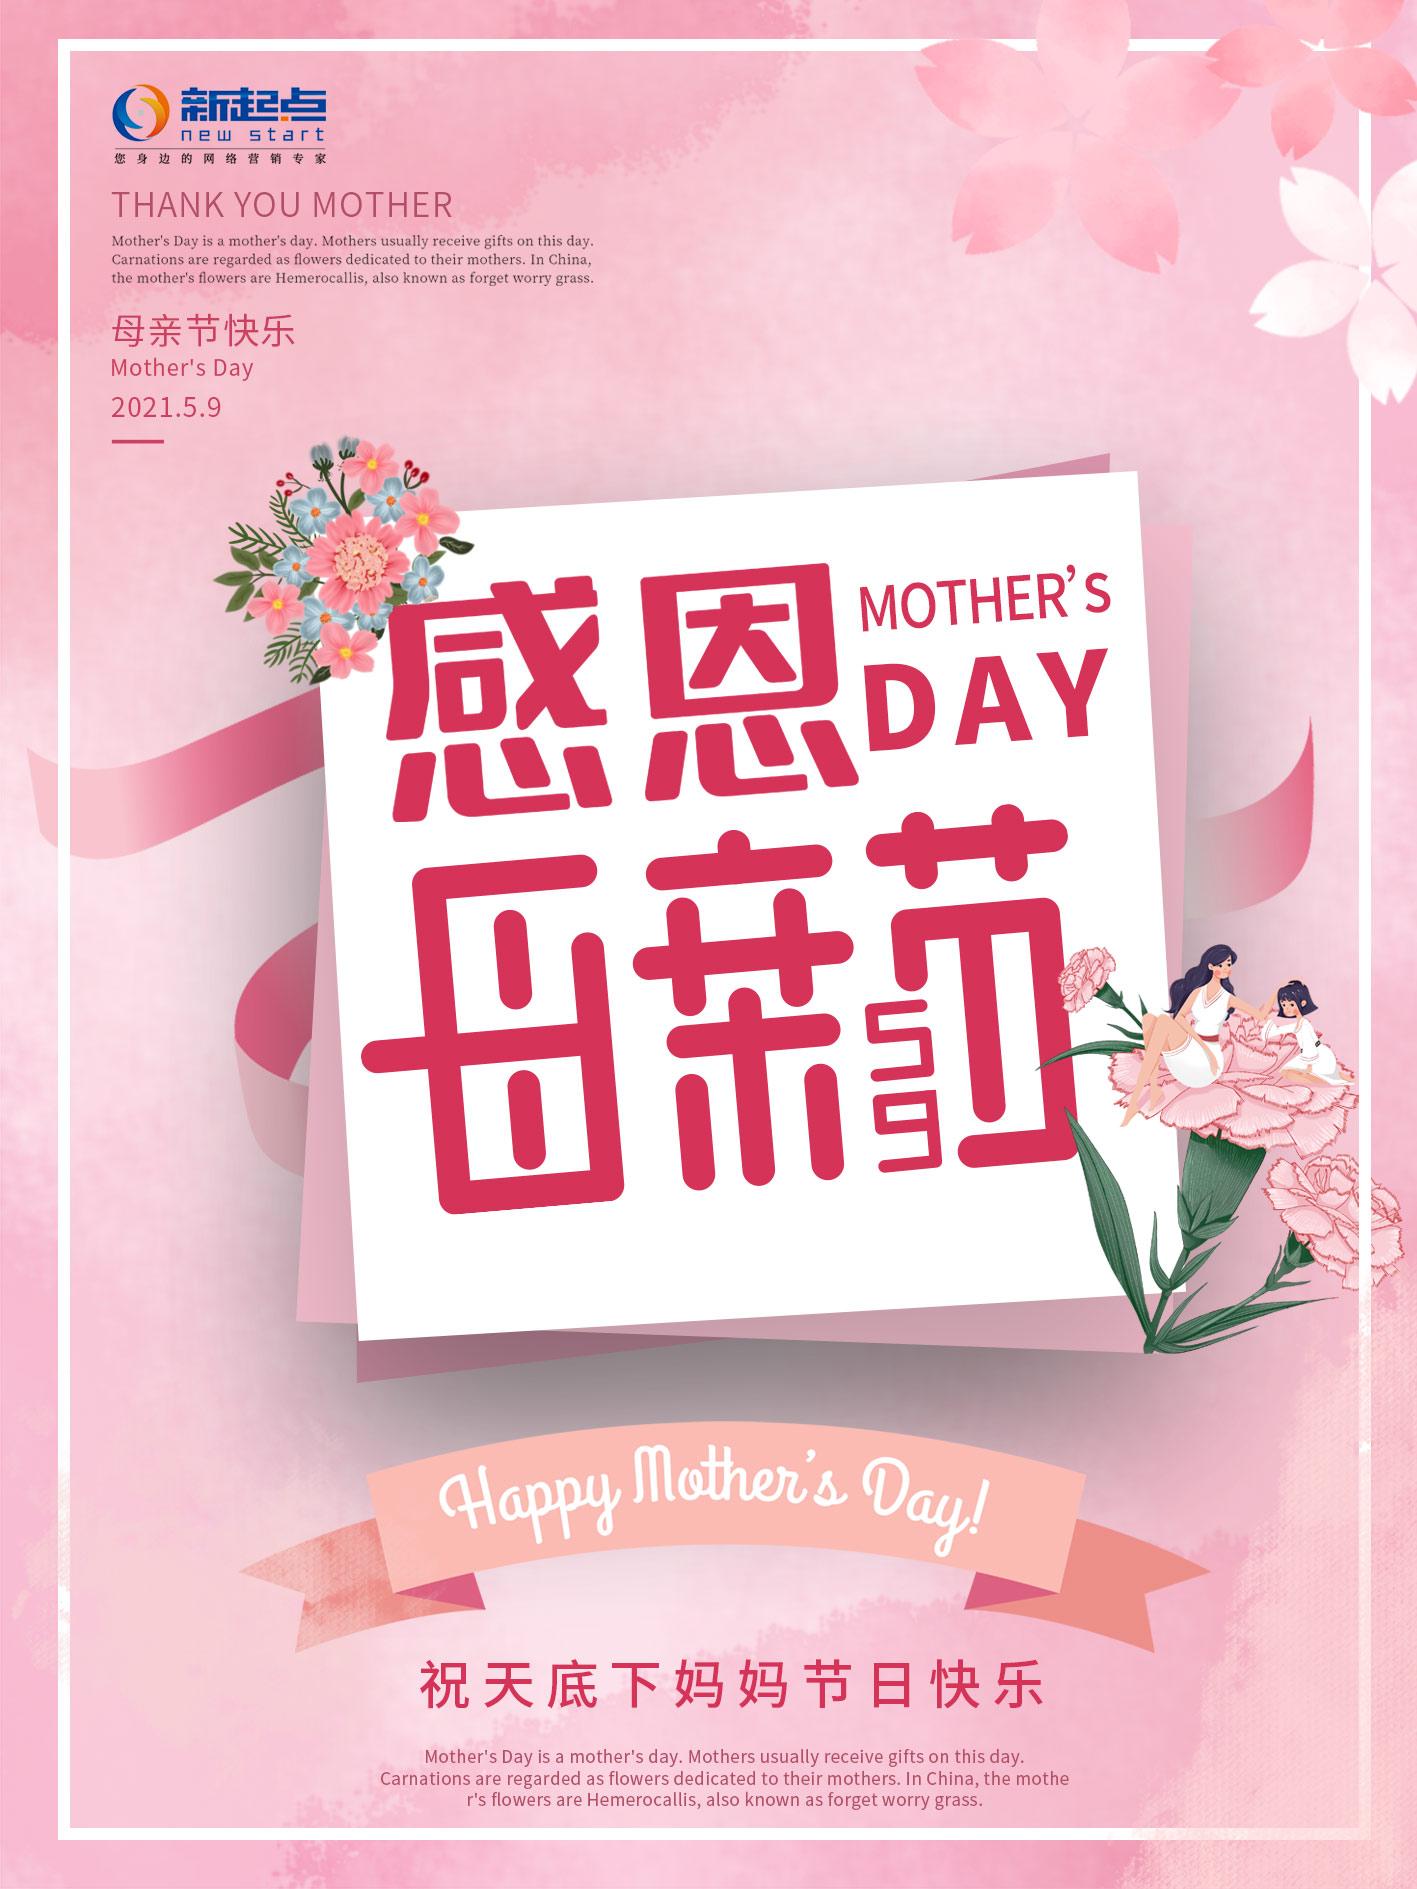 祝天下所有母亲:母亲节快乐!